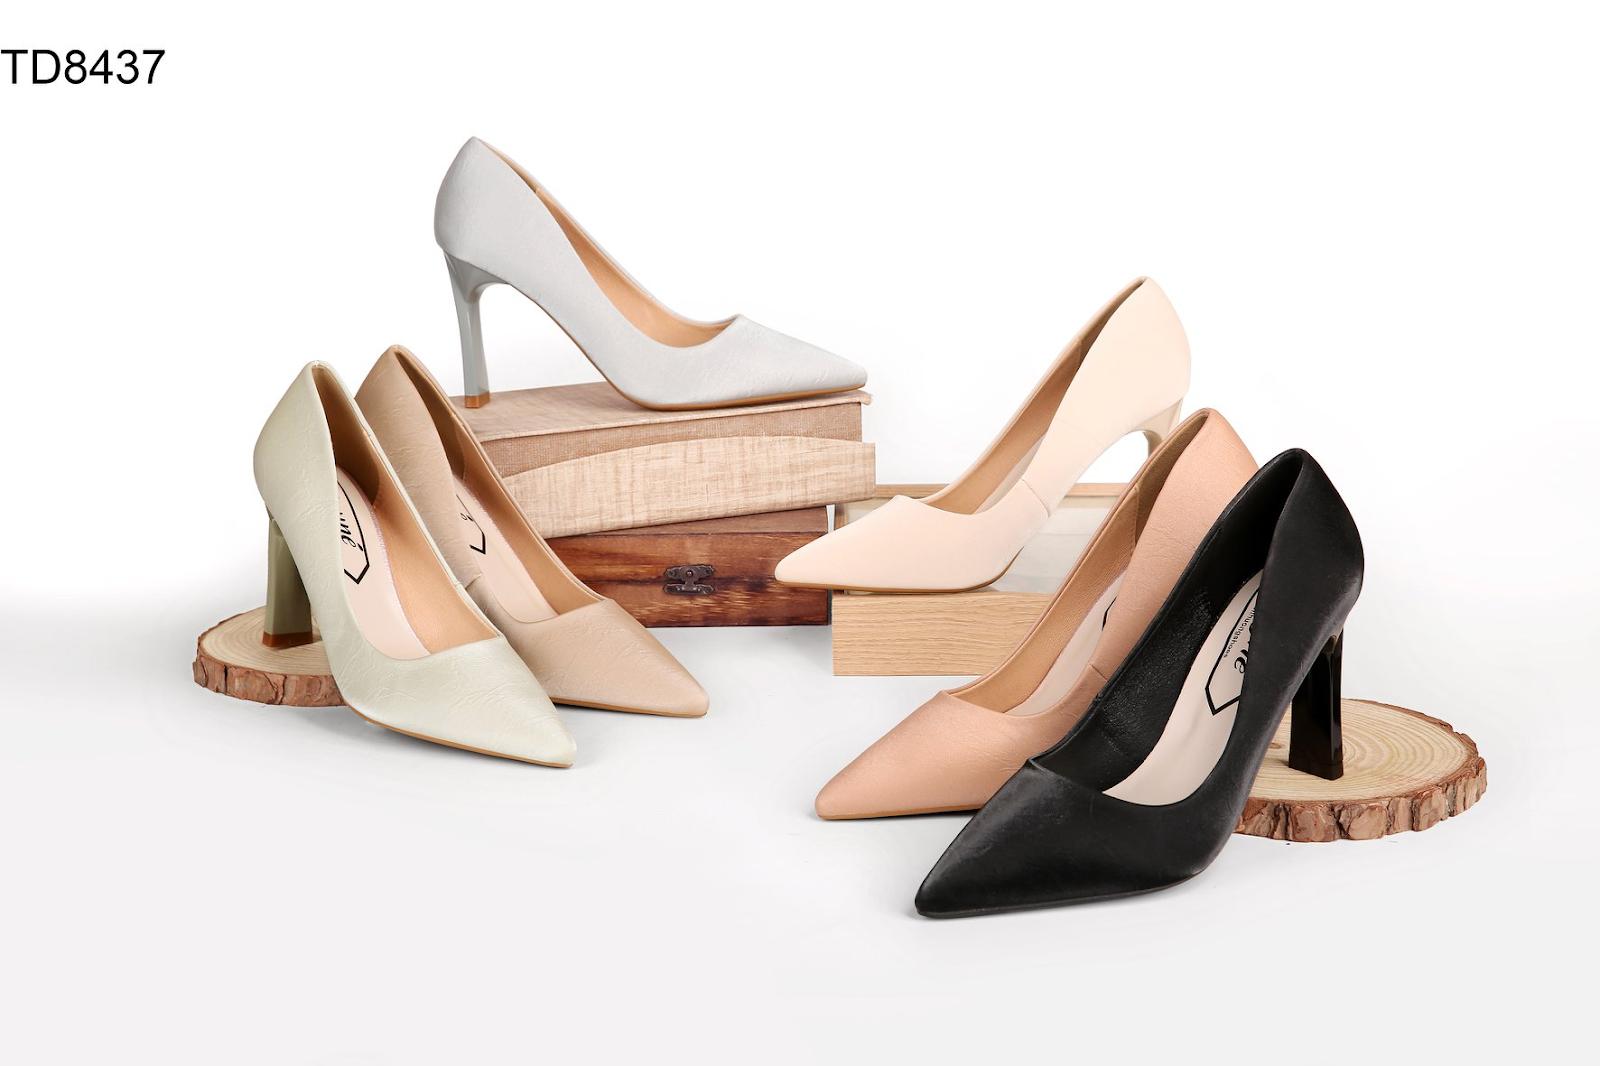 Định hướng kinh doanh kết hợp với các nguồn sỉ giày cao gót